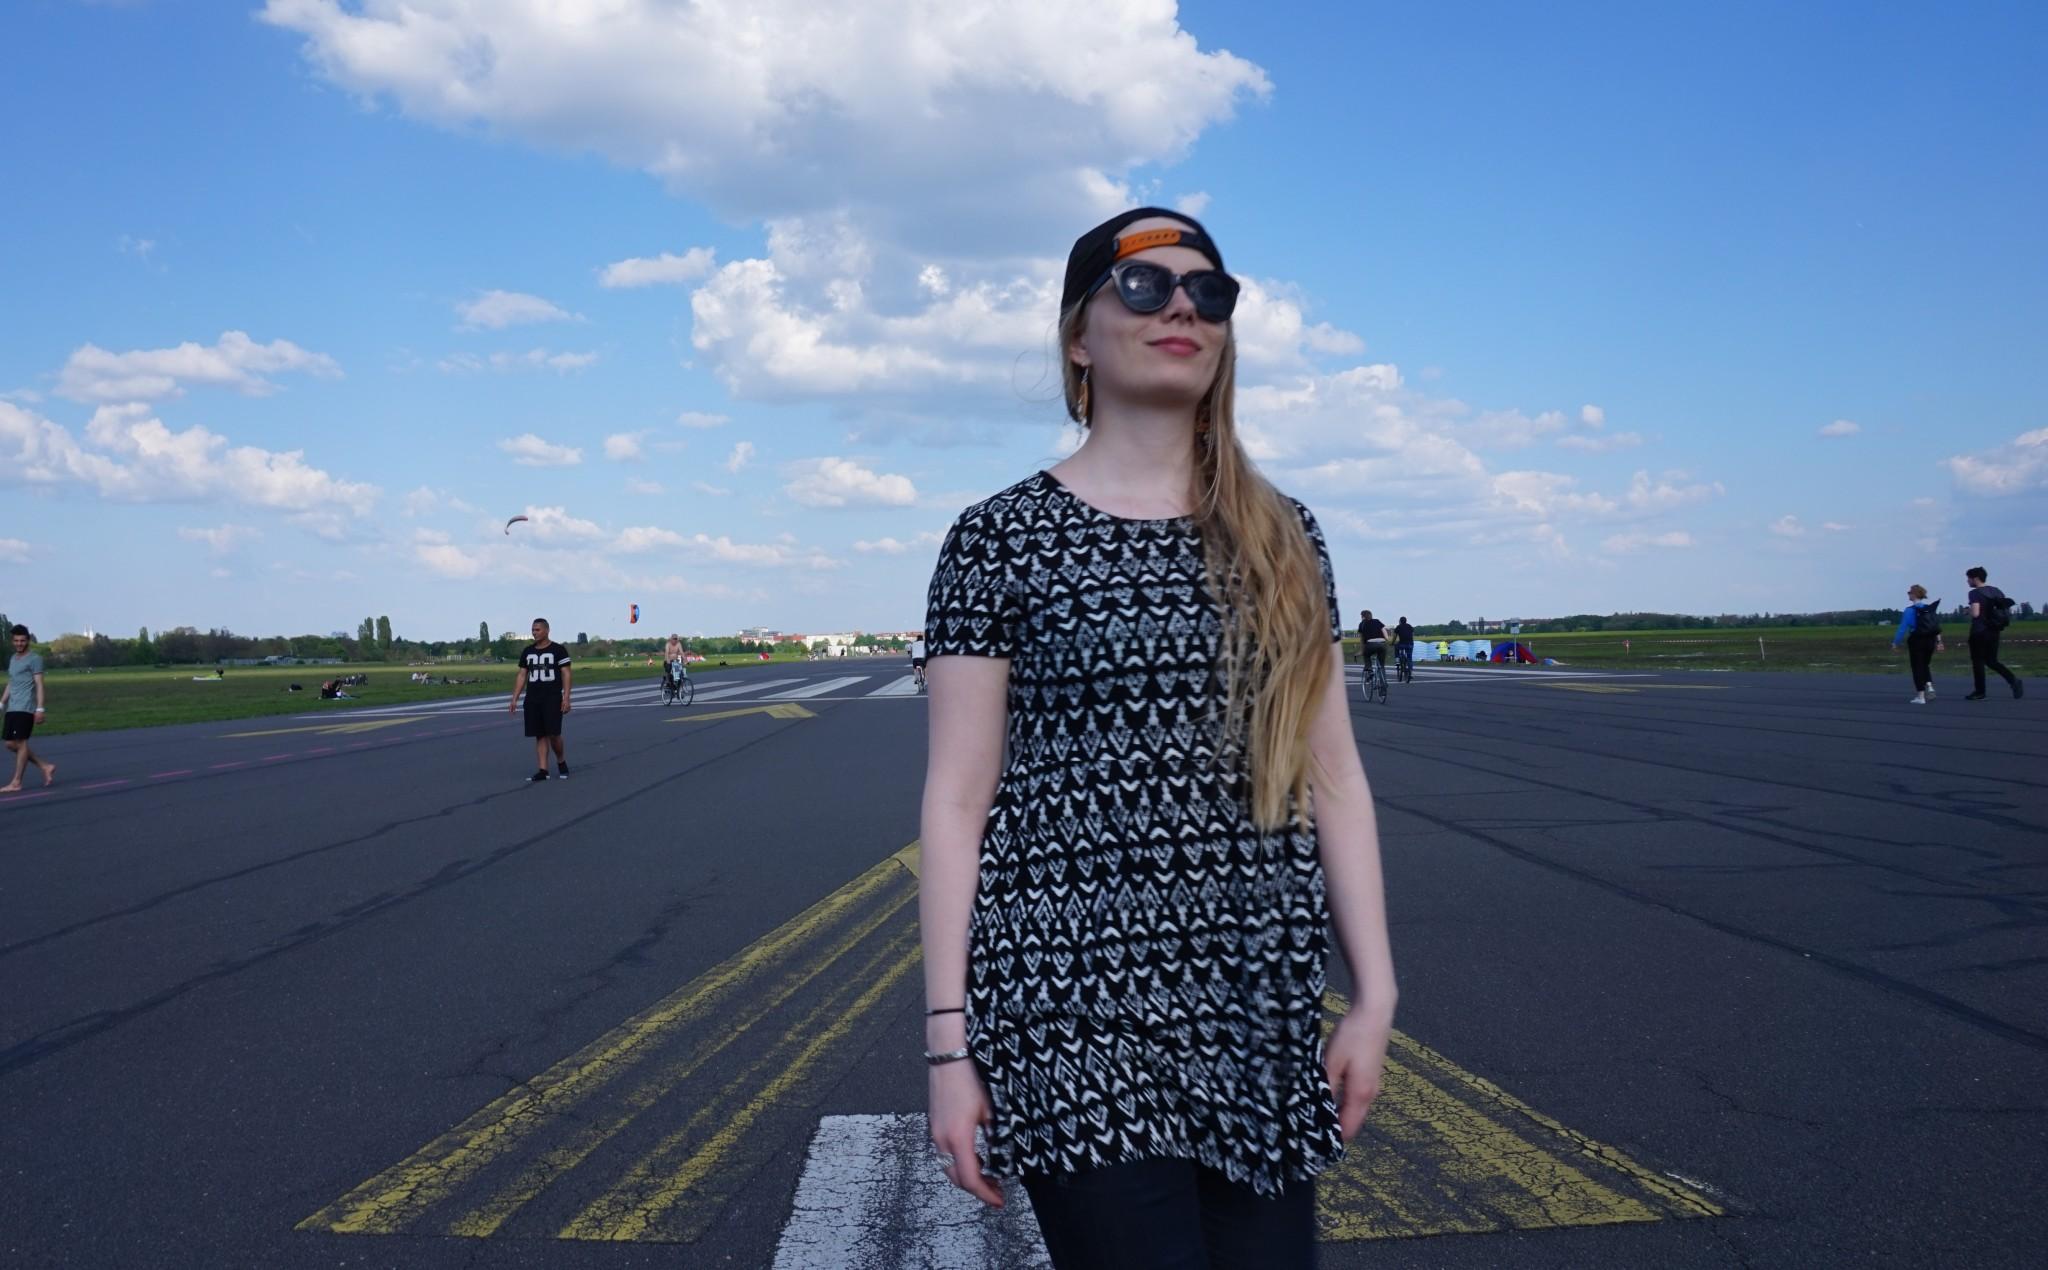 Tempelhofin lentokenttä (150)